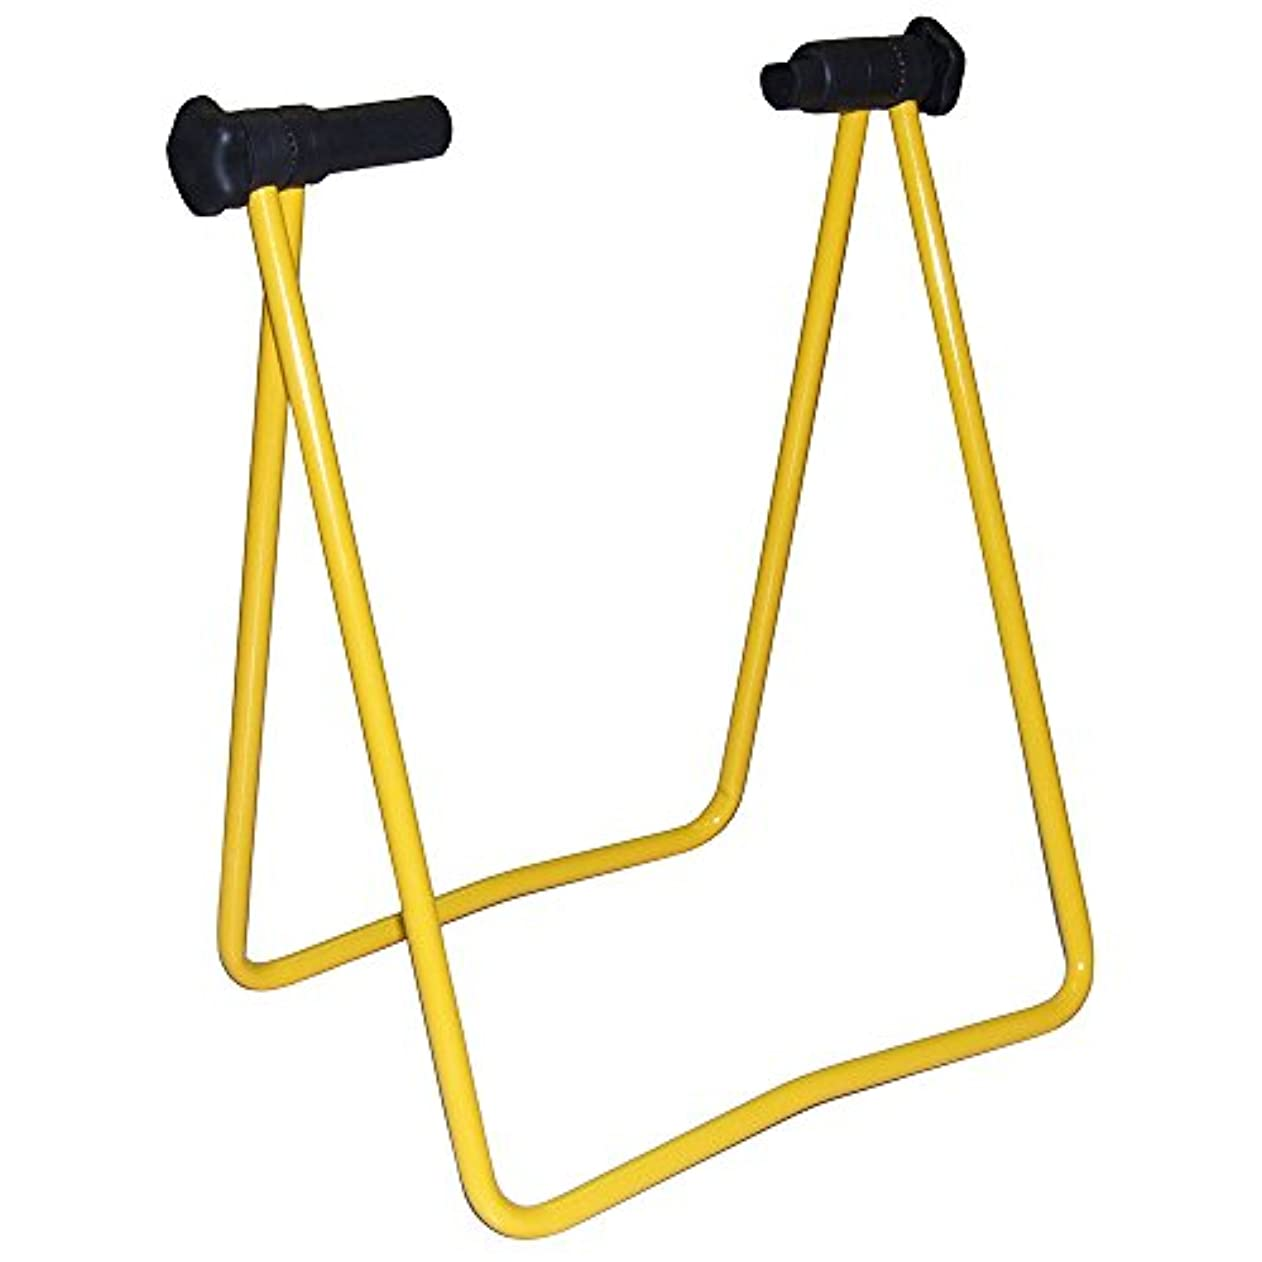 身元害虫合理的AZ(エーゼット) 自転車用ワークスタンド 折りたたみ式II黄 ディスプレイスタンド ワークスタンド 作業スタンド 自転車スタンド KF206 黄